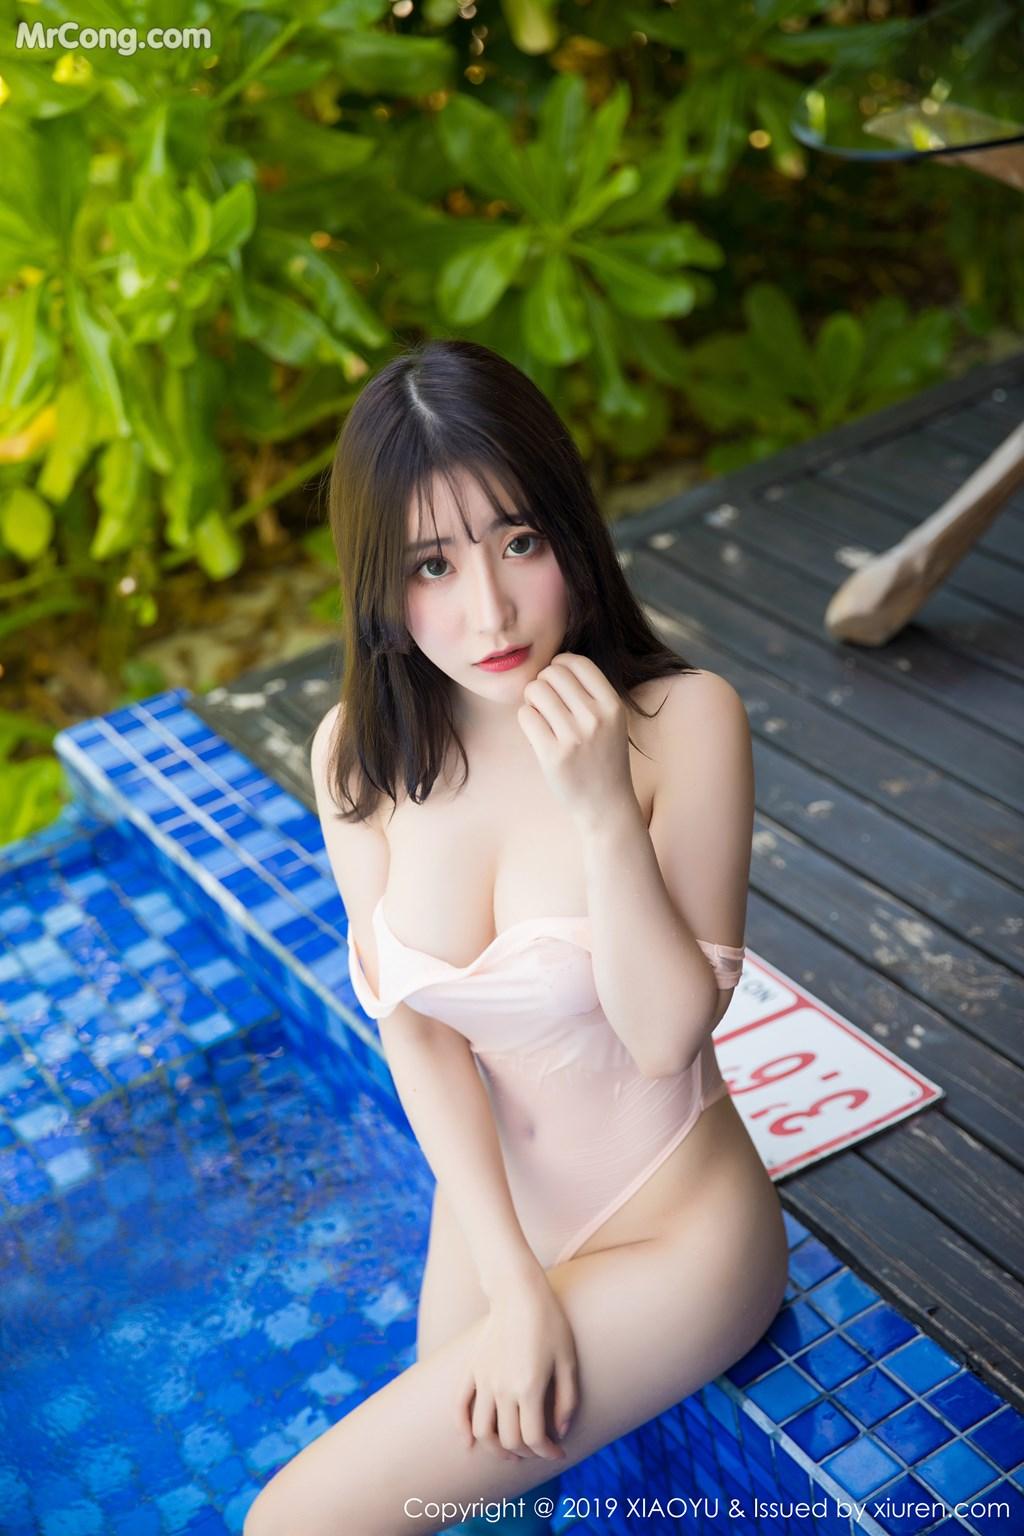 Image XiaoYu-Vol.155-Cherry-MrCong.com-041 in post XiaoYu Vol.155: 绯月樱-Cherry (67 ảnh)